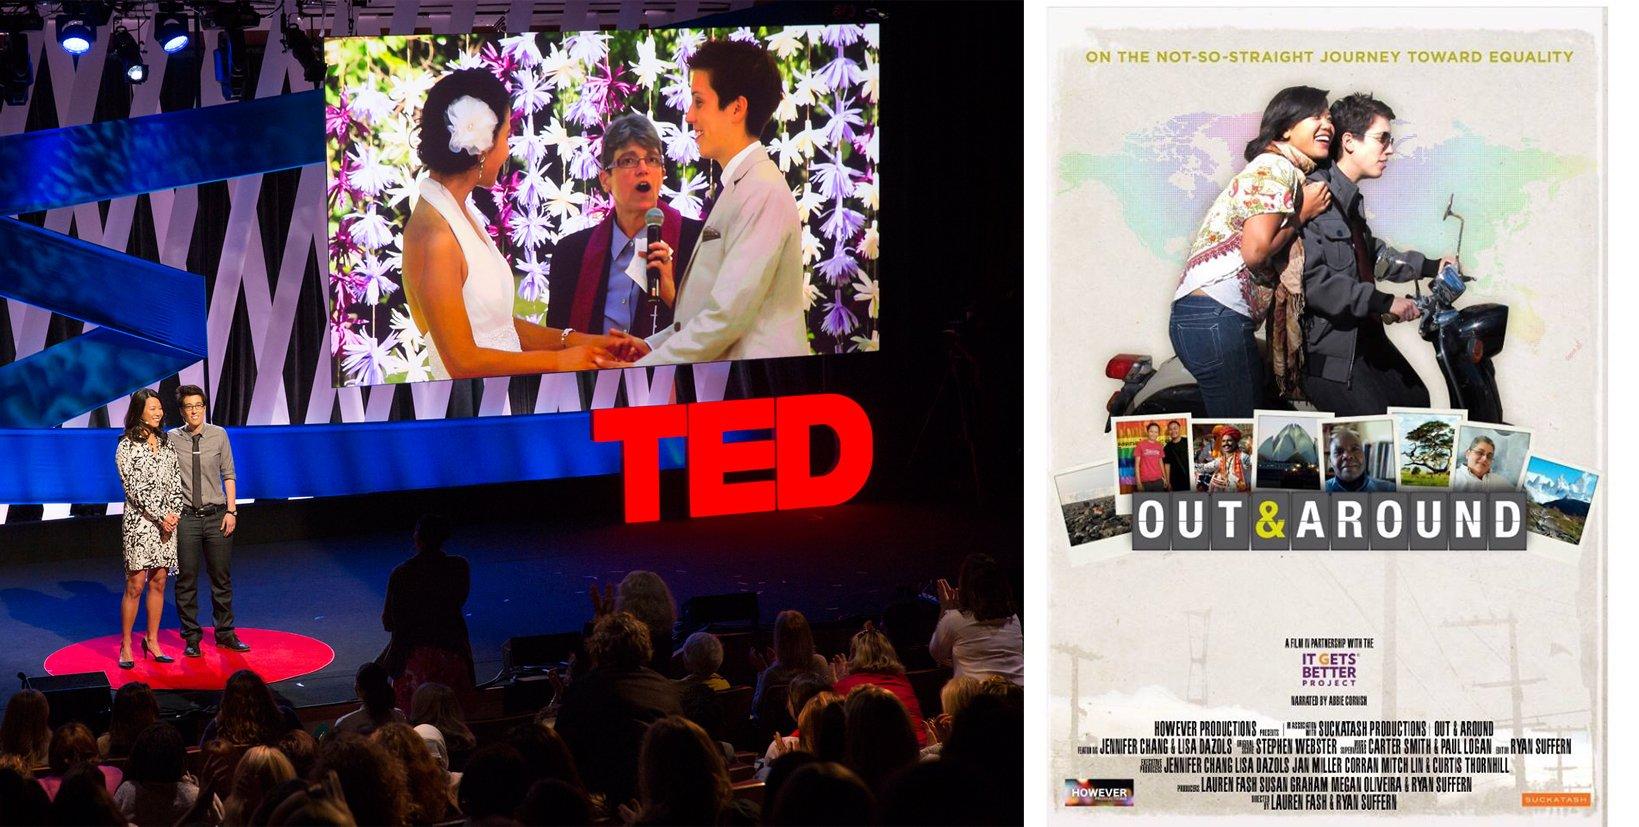 Jenni et Lisa «Nous voulions nous servir de ce voyage pour consolider la communauté LGBT en partageant notre expérience»